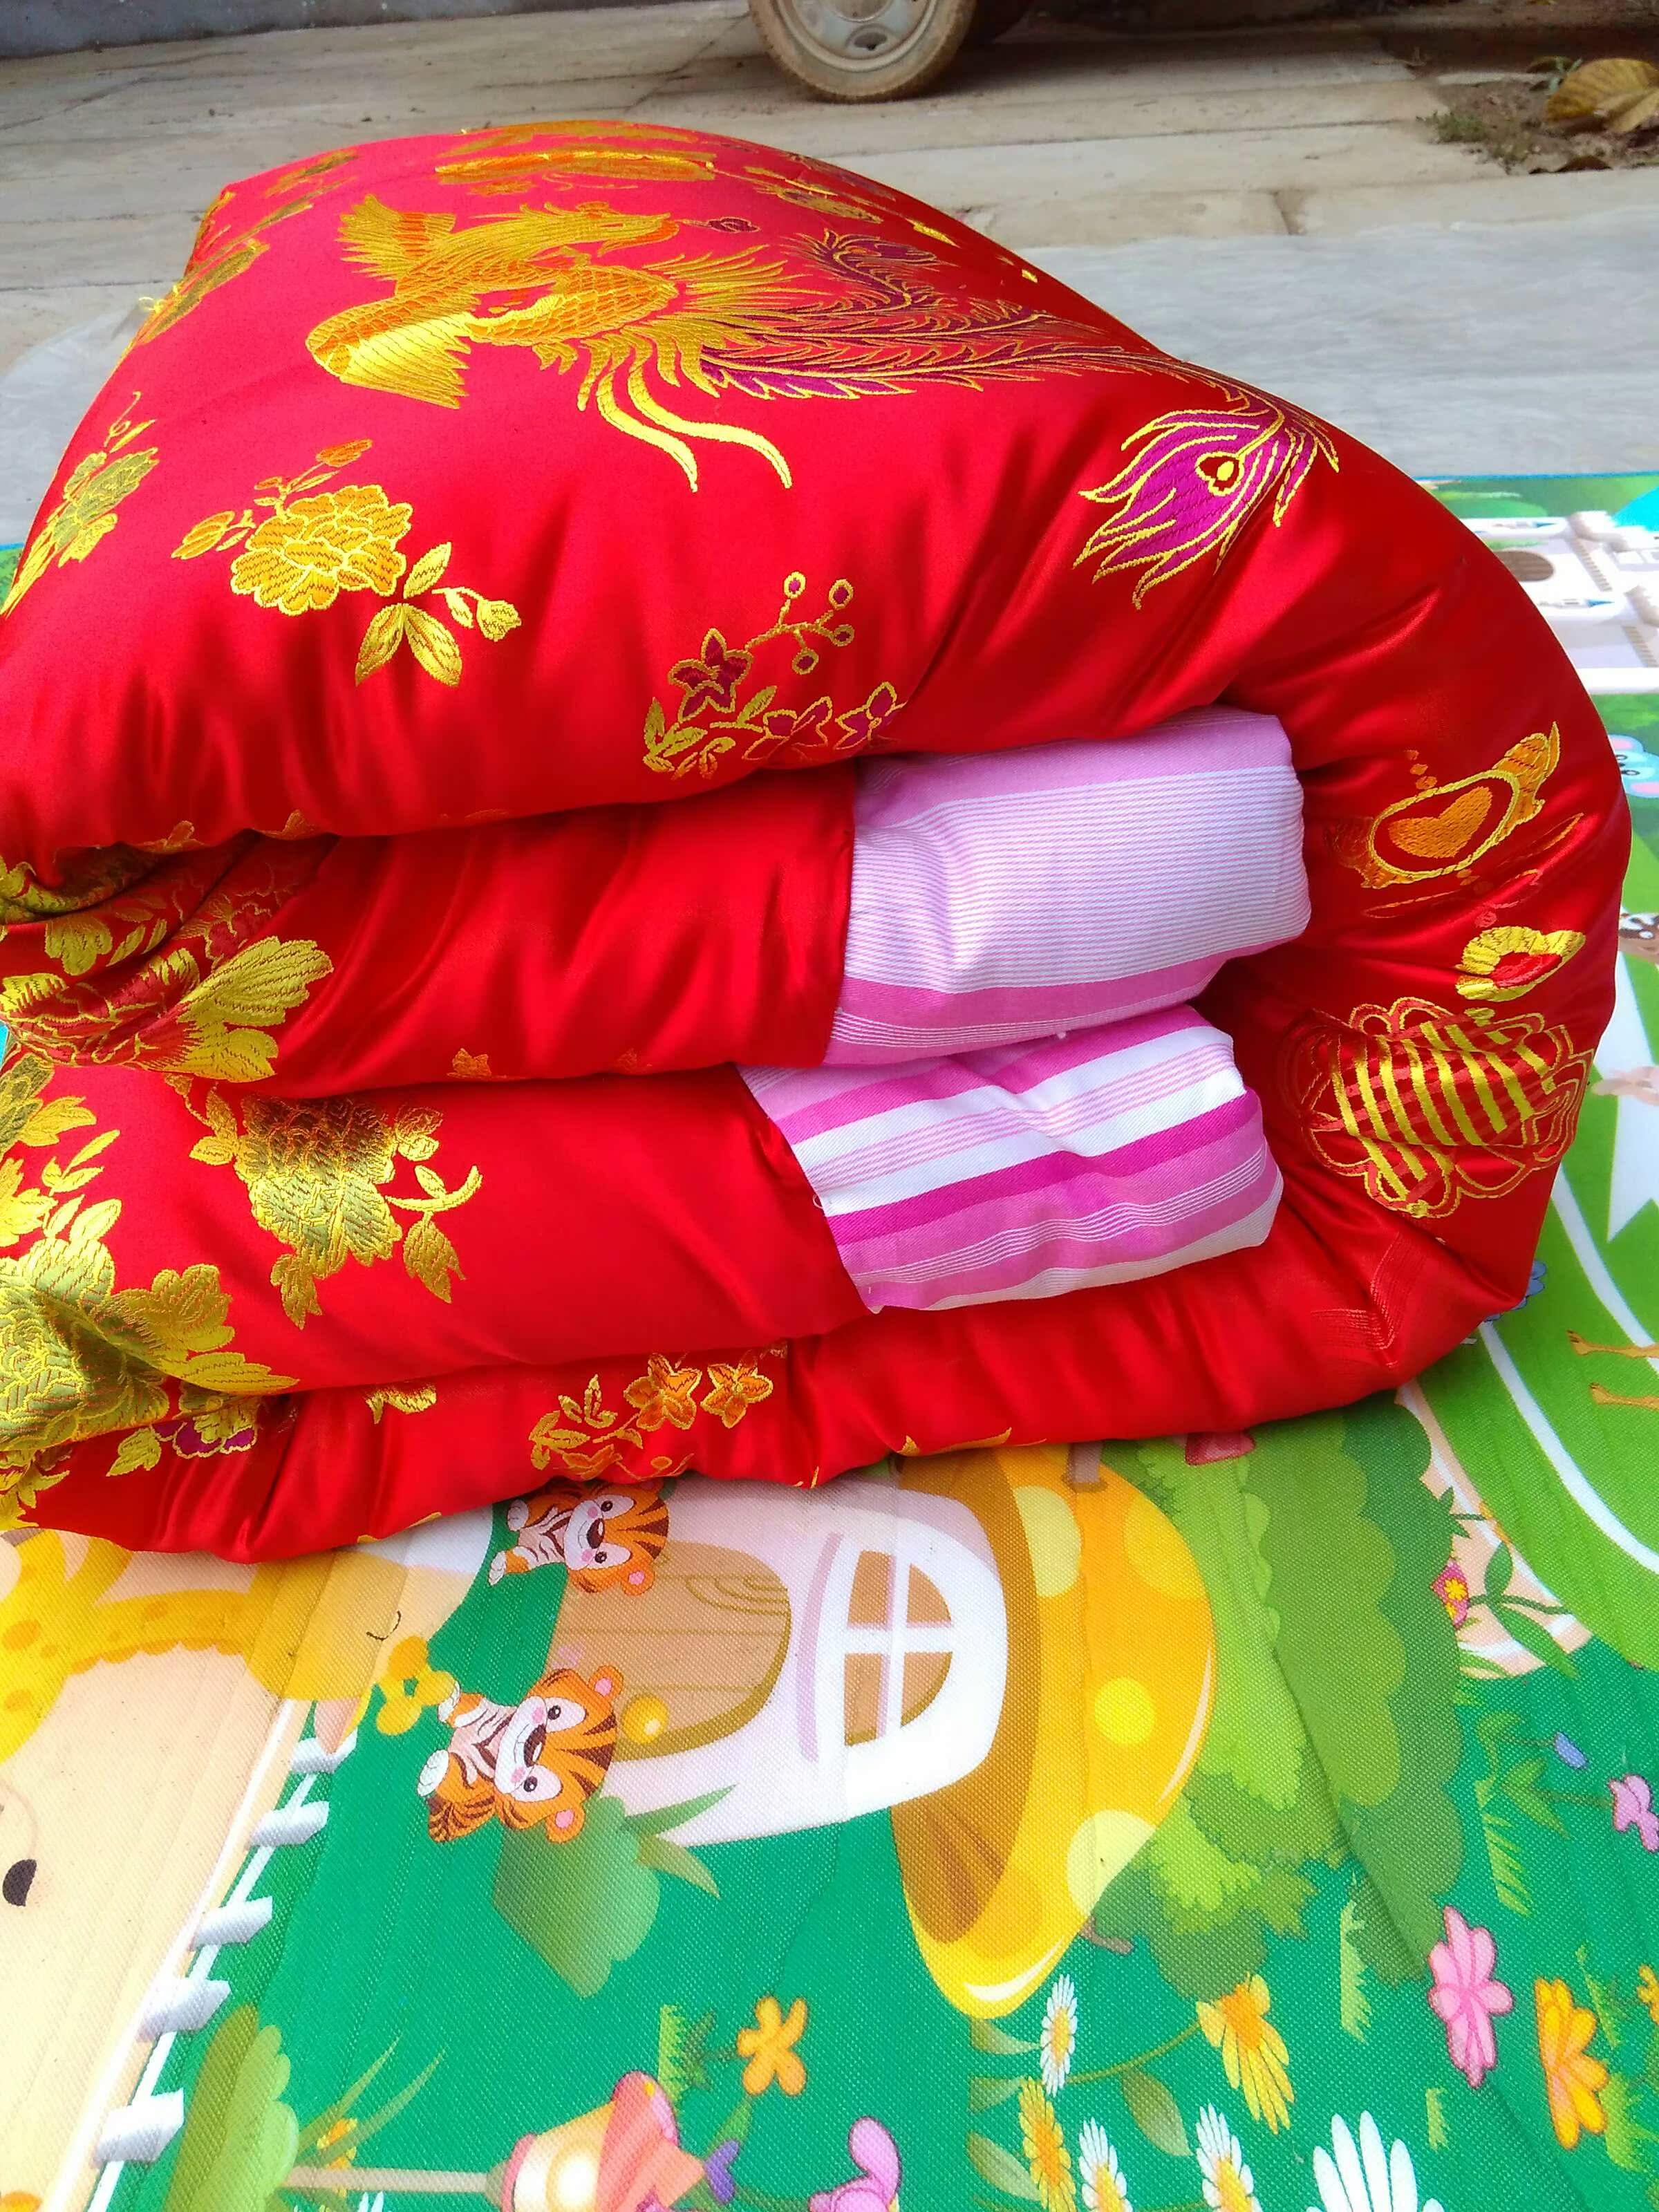 手工缝制老式包边绸缎被子纯棉粉色条顺被里大红双人丝绸缎棉被图片